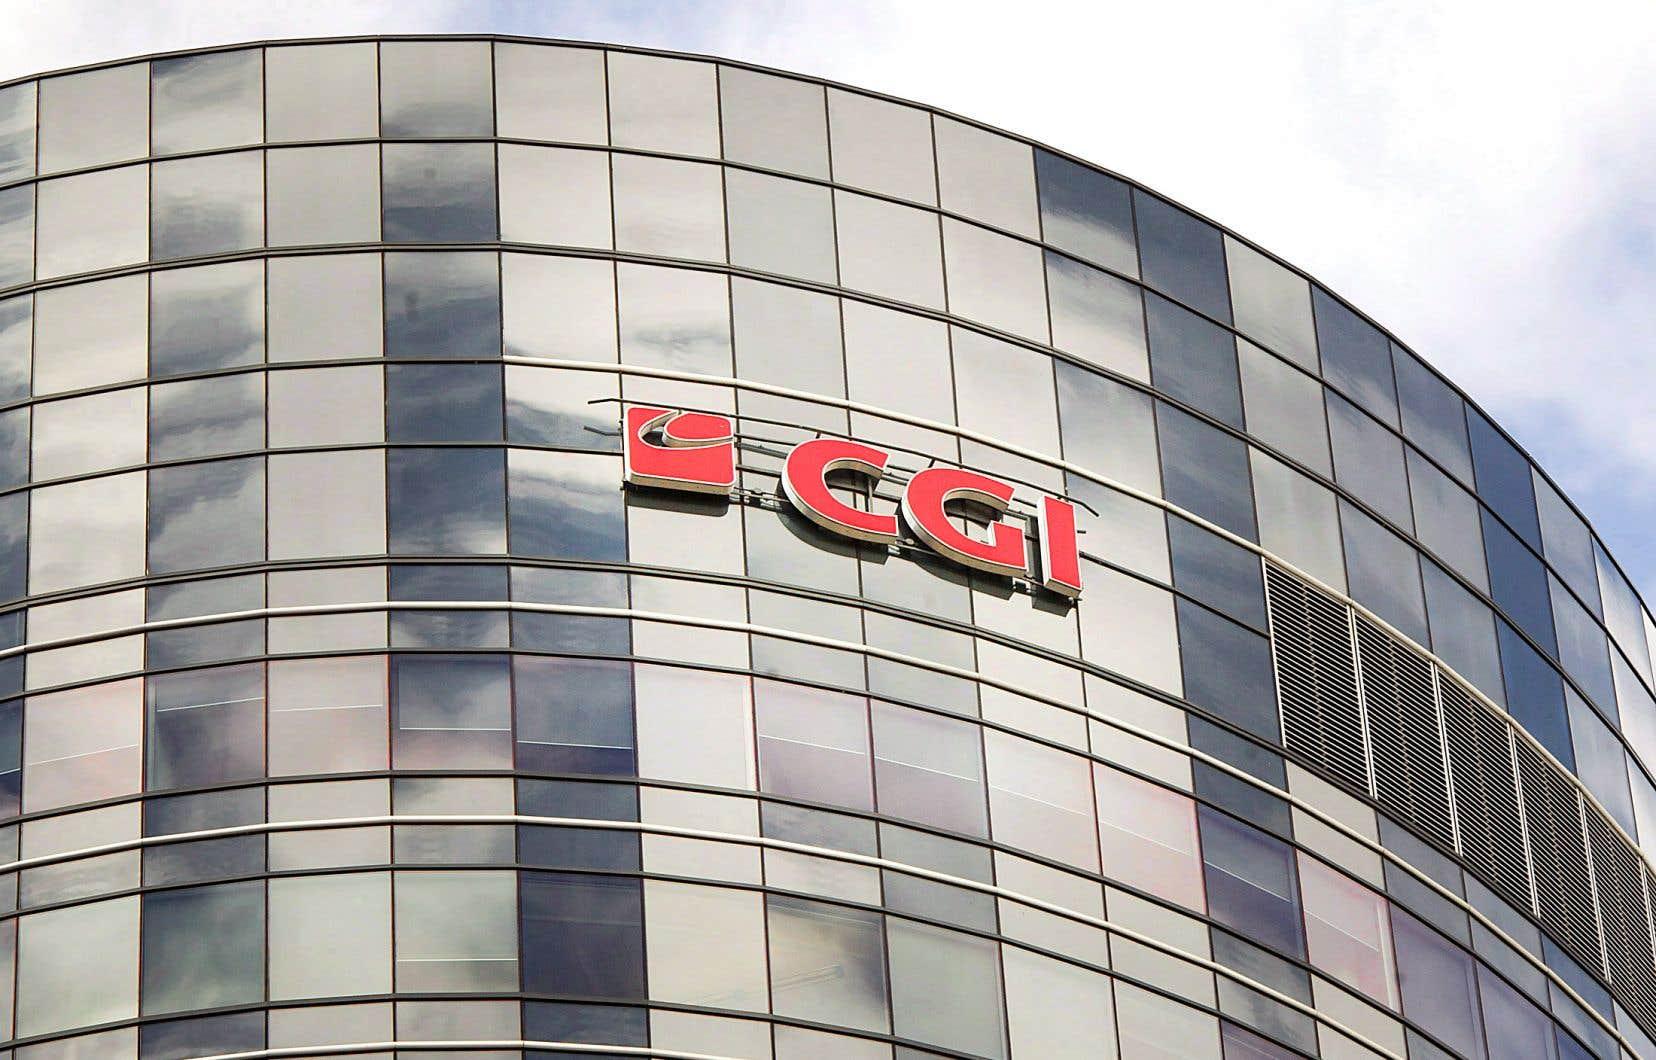 CGI a vu son bénéfice croître de 3,5% au premier trimestre terminé le 31 décembre.